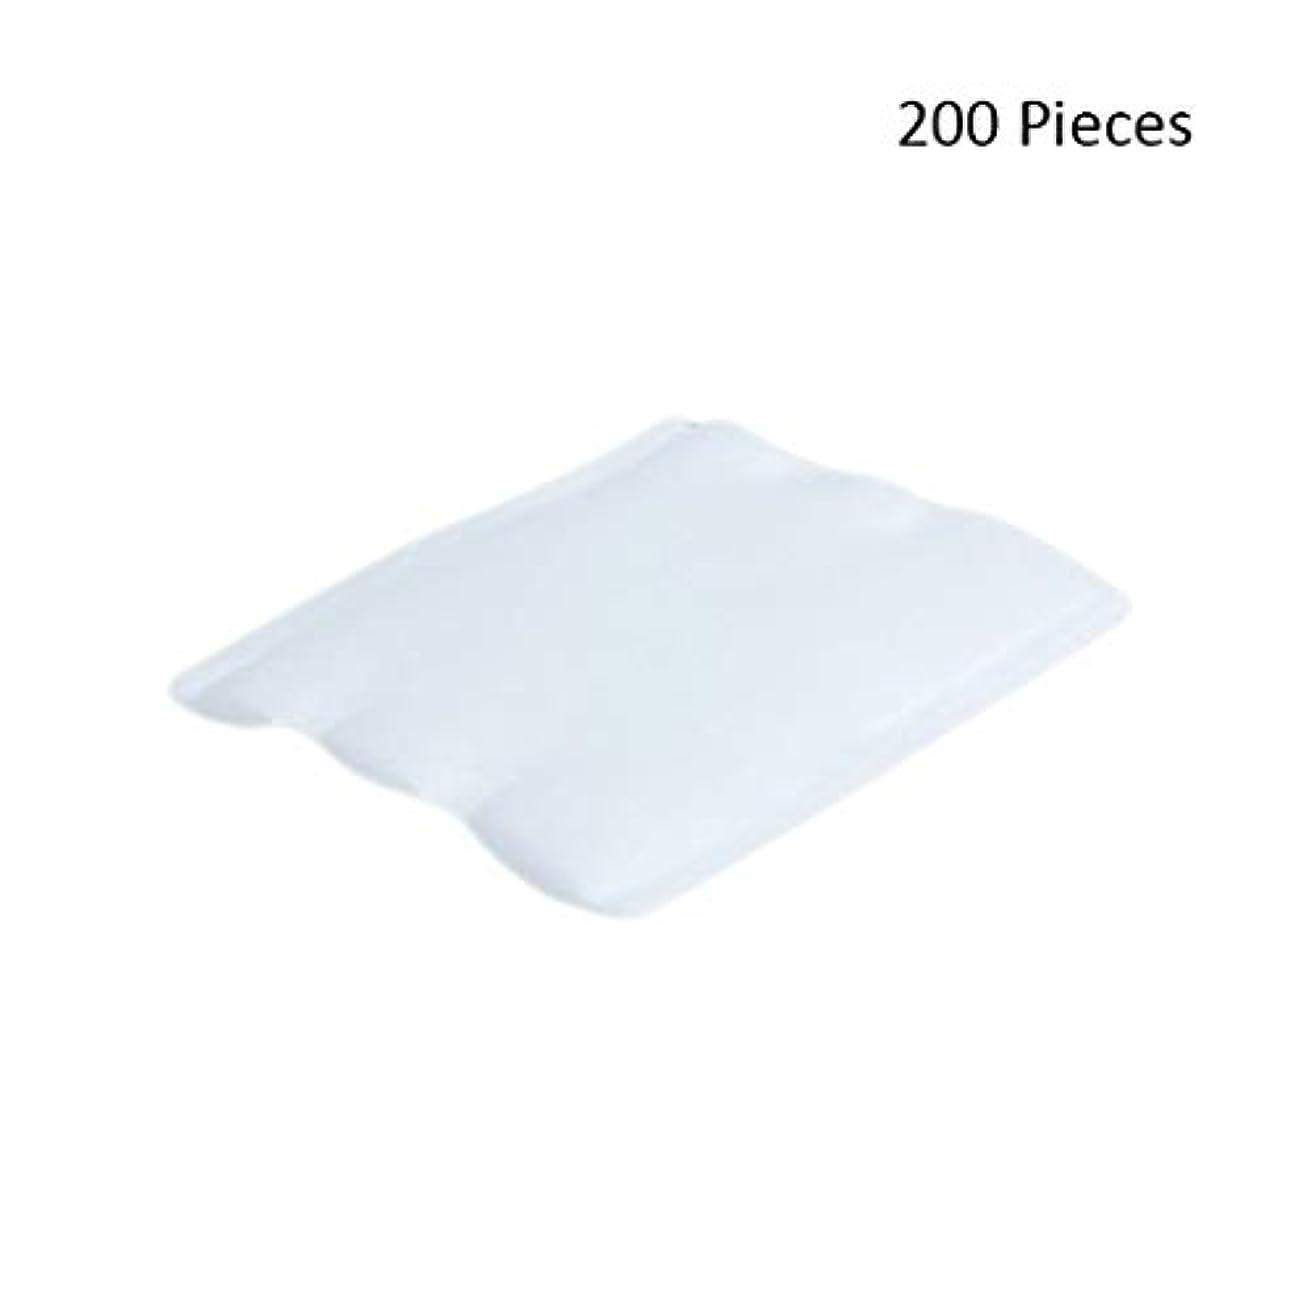 不当投獄恥ずかしさ化粧パッド 200ピースオーガニックコットンパッドフェイシャルカットクレンジングメイクアップパフ化粧品メイクアップリムーバーワイプスキンフェイスウォッシュコットンパッド メイク落とし化粧パッド (Color : White, サイズ : 6*5cm)